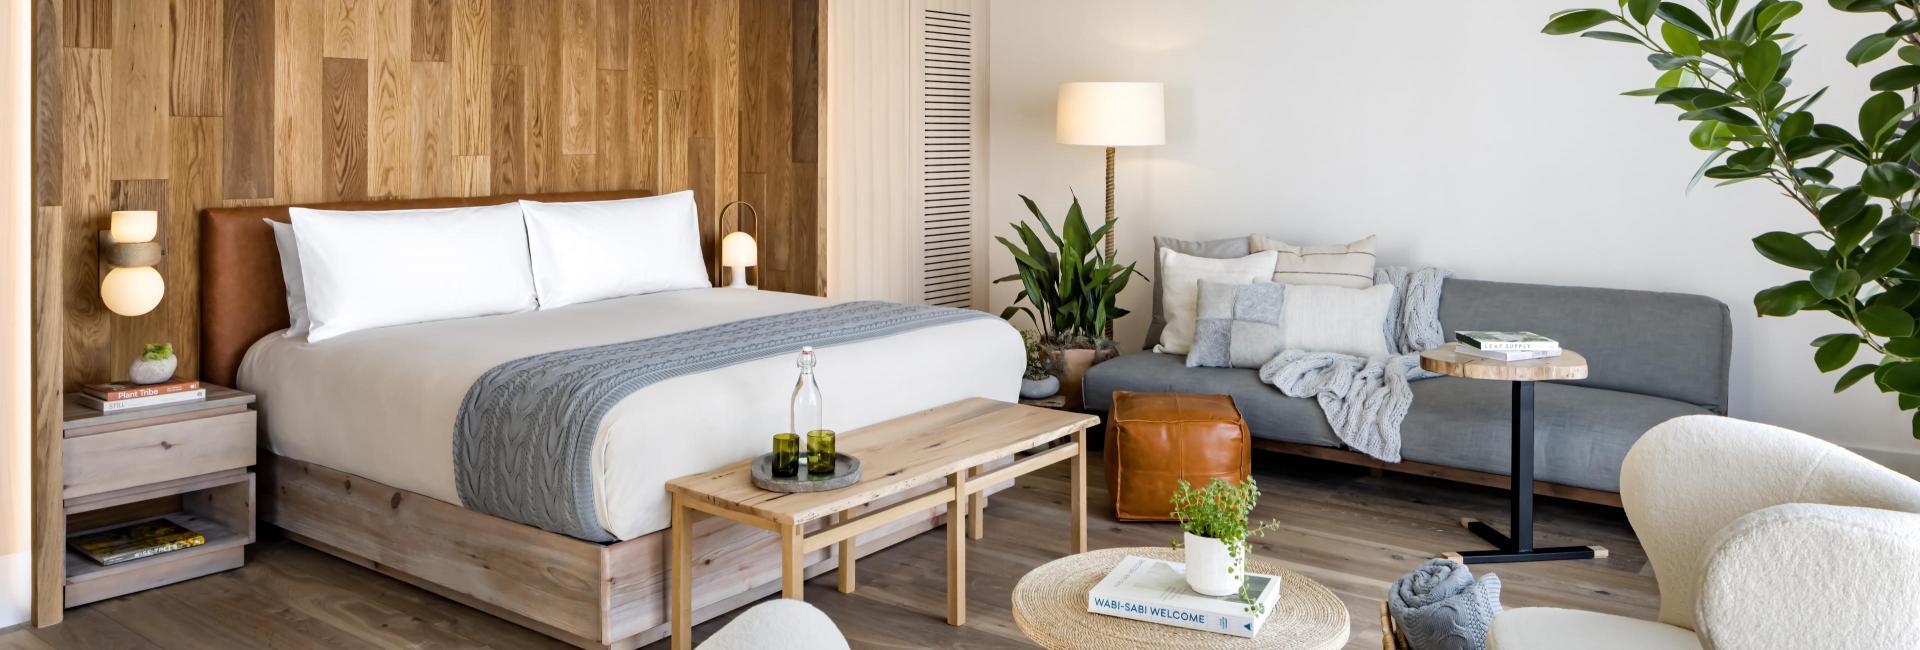 Birch House Bedroom